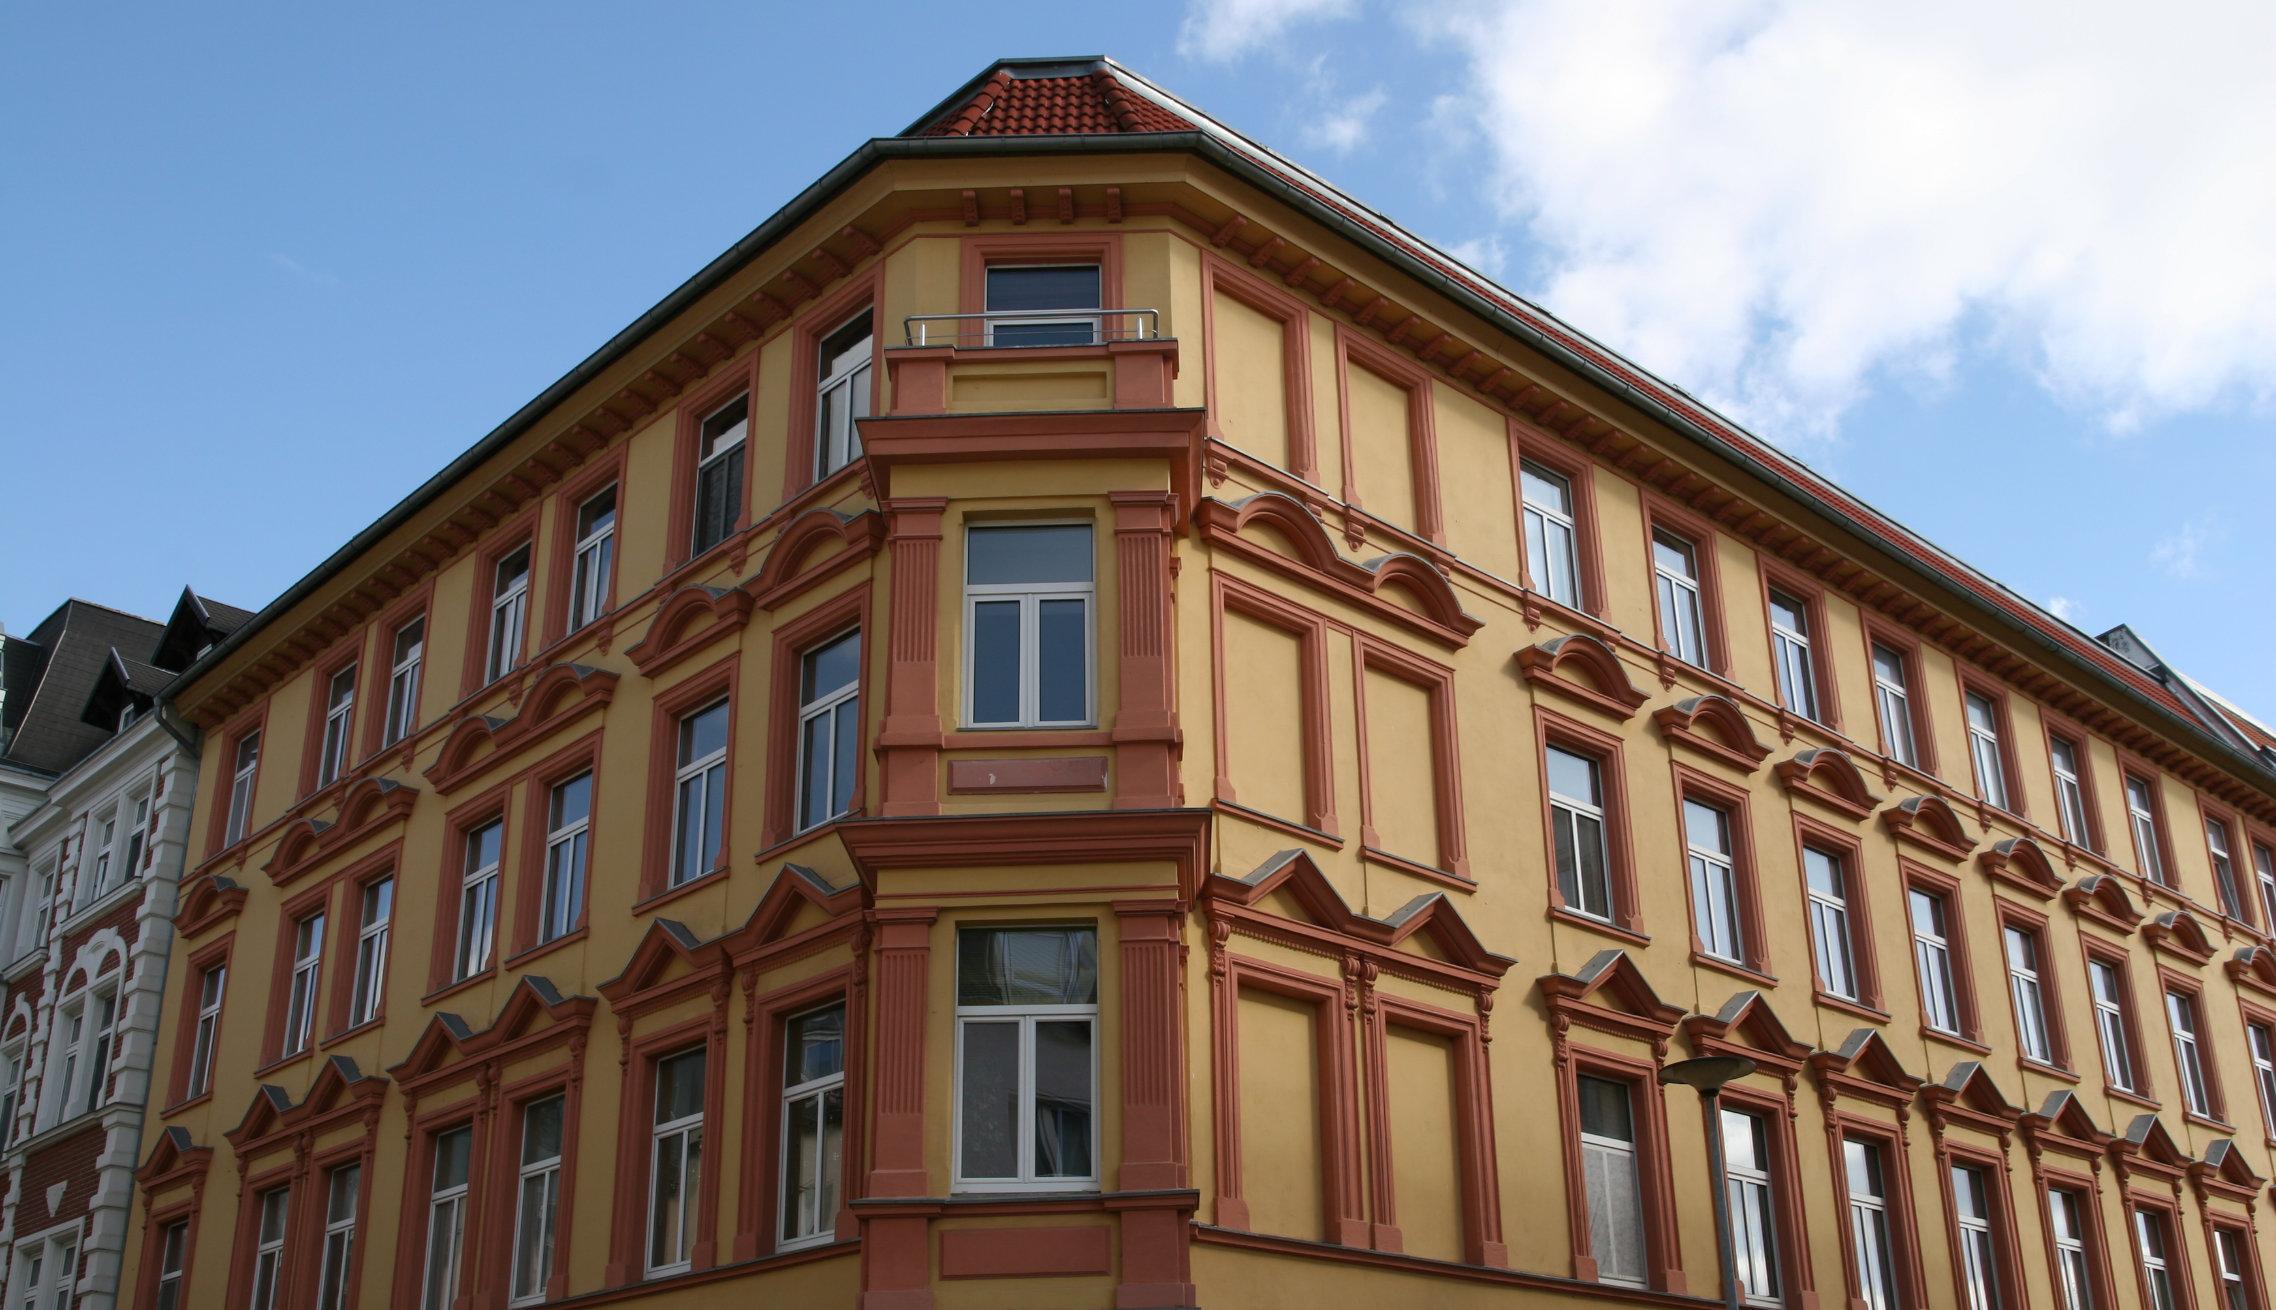 GU-Leistungen im Hochbau vom Bauunternehmen Magdeburg